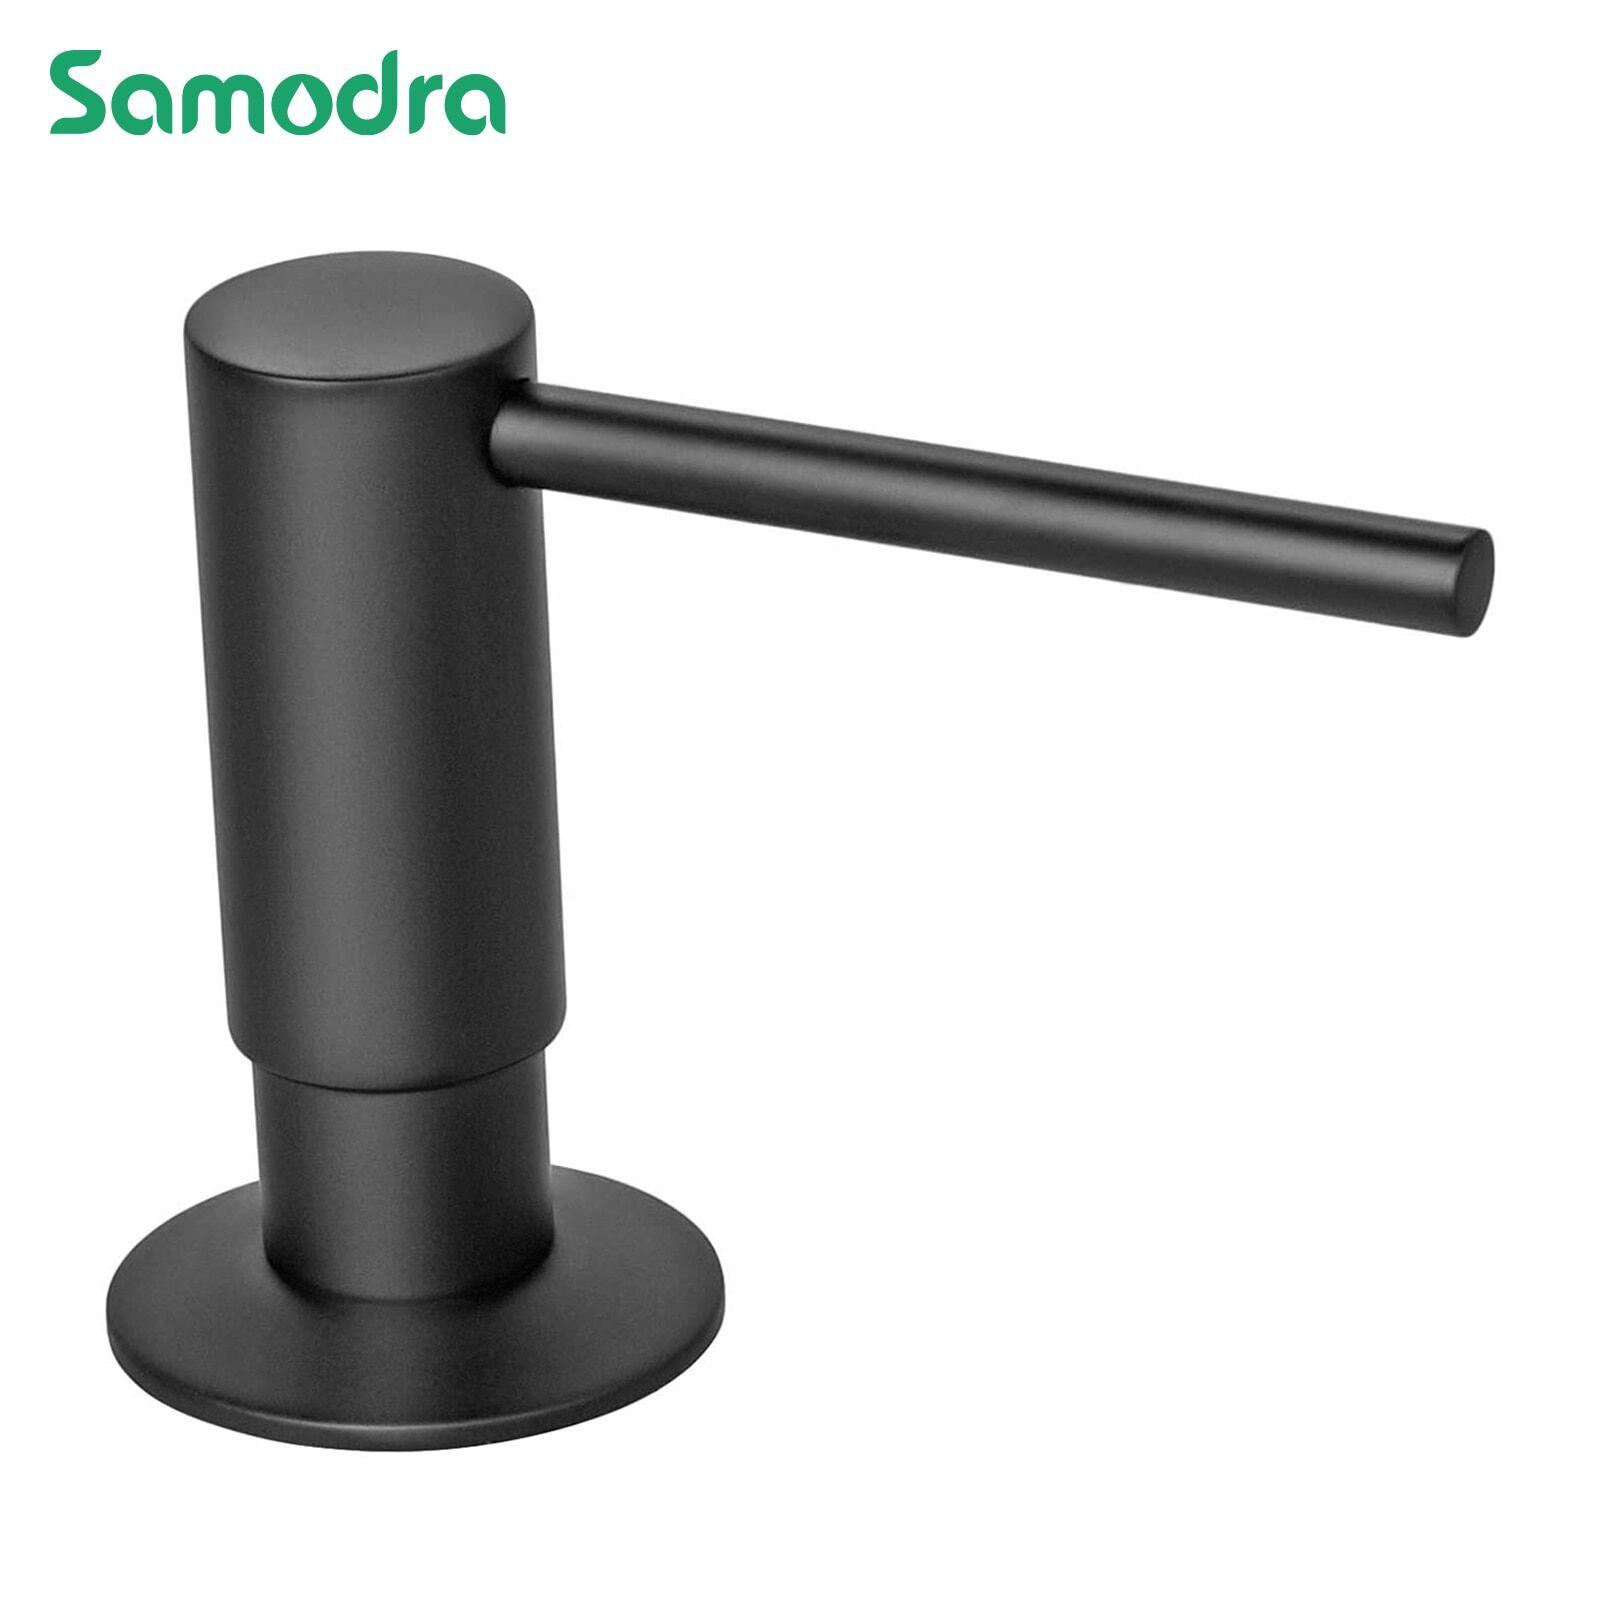 AliExpress Samodra – distributeurs de savon liquide noir, tête de pompe en laiton avec bouteille PE de 500ML,